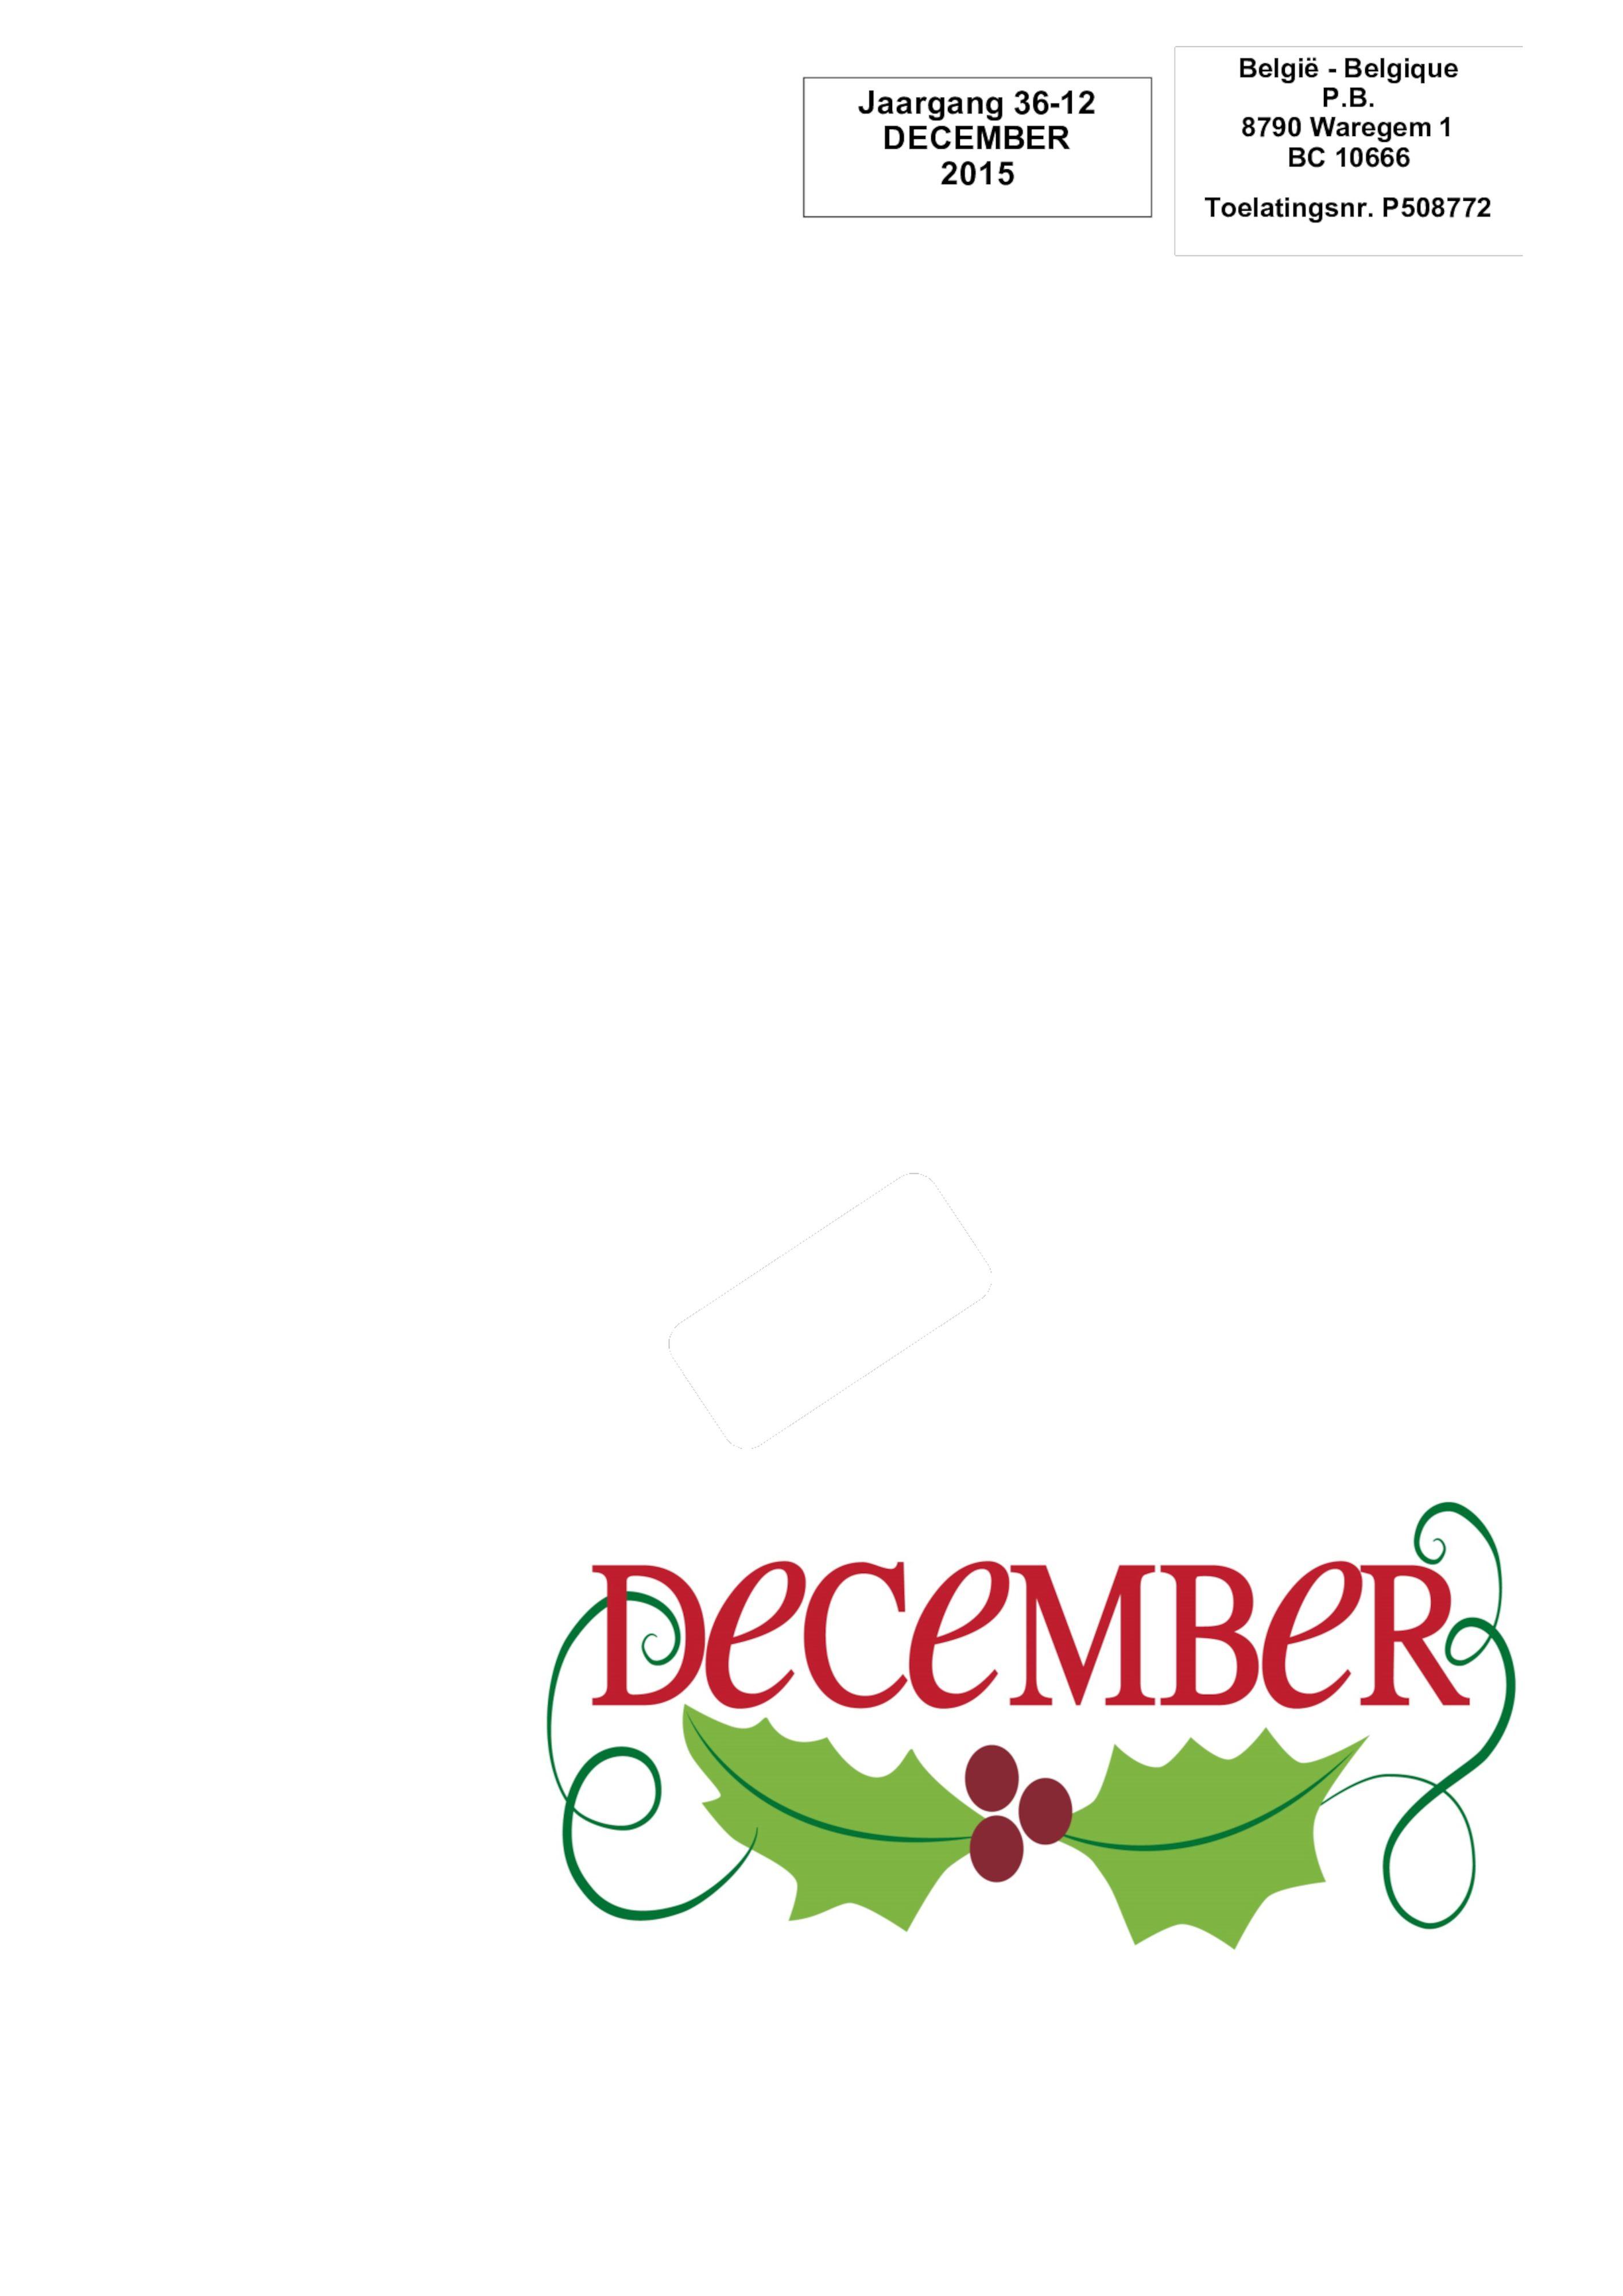 De Belle december 2015